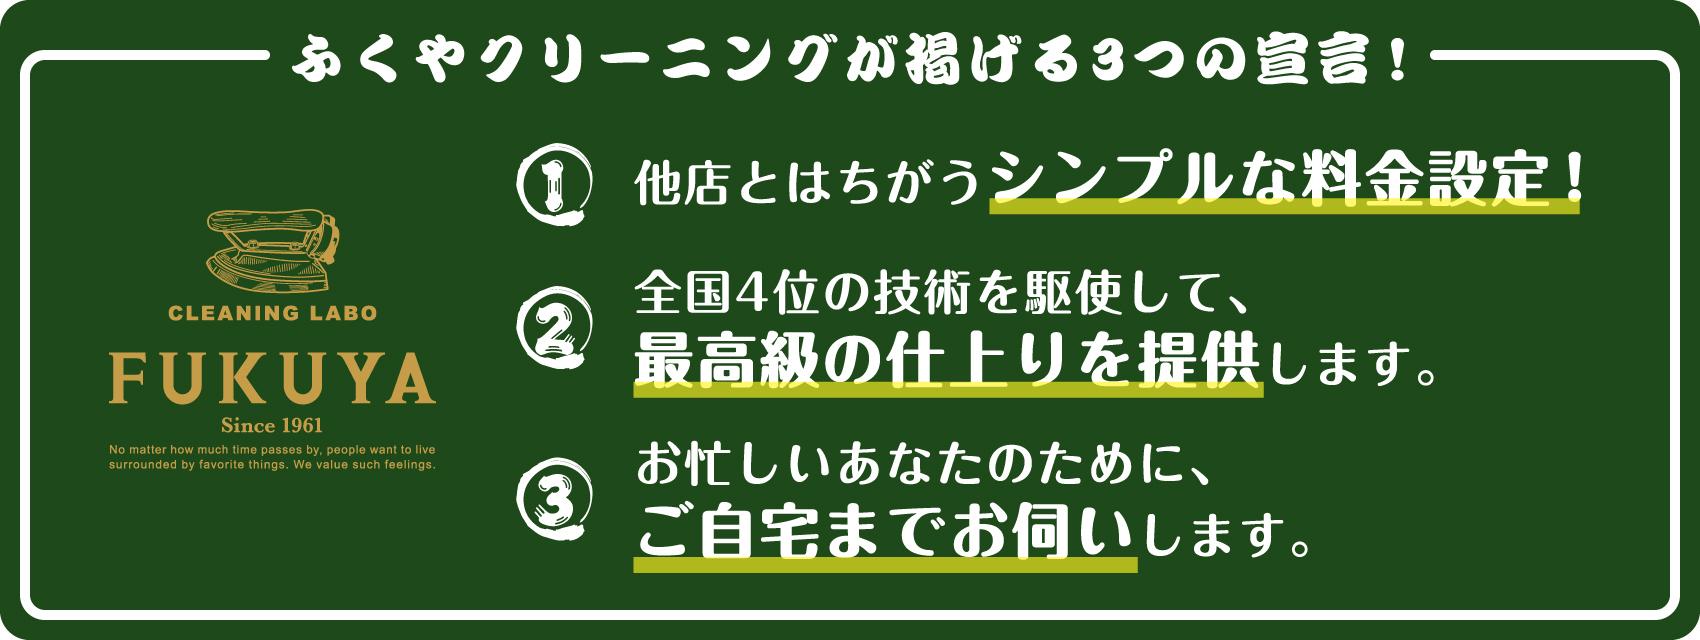 ふくやが掲げる3つの宣言